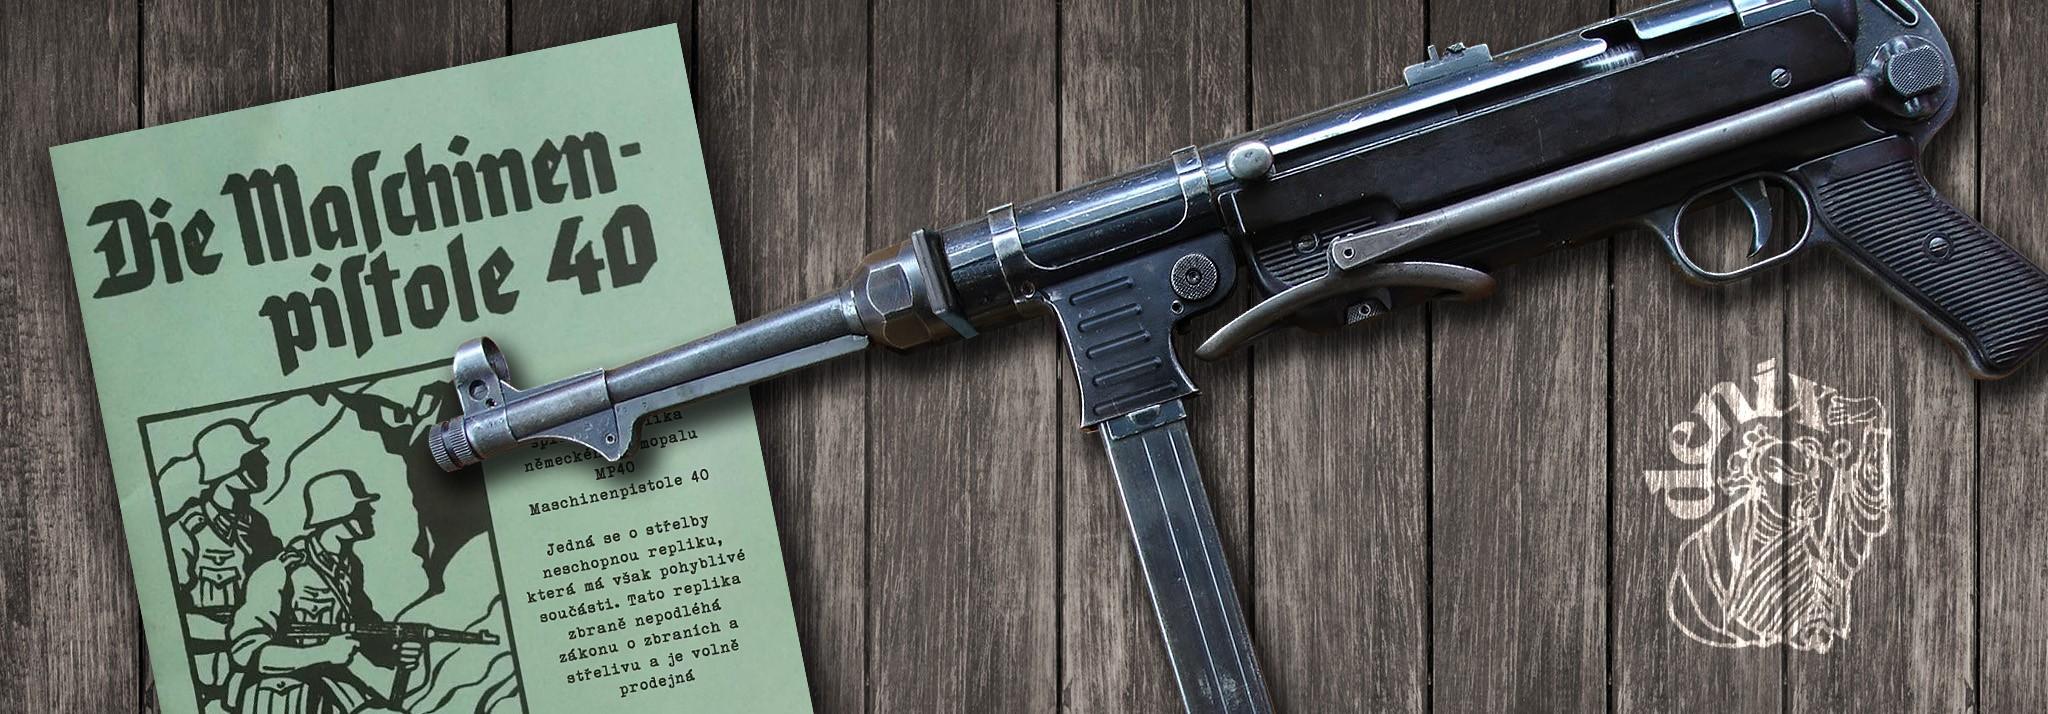 MP40 Denix